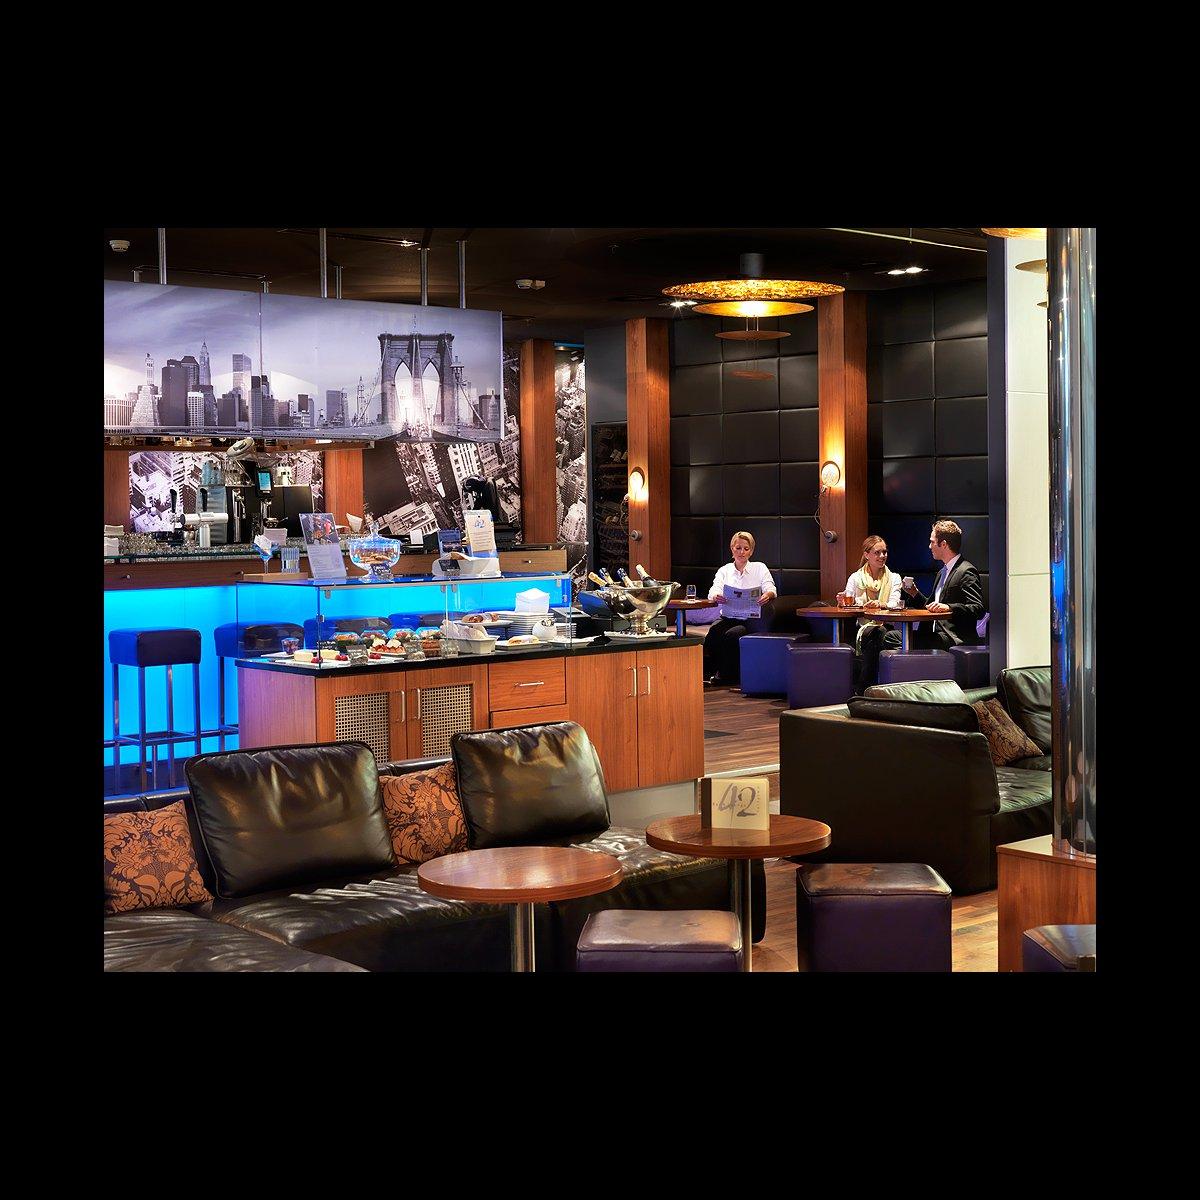 Bar & Lounge 42